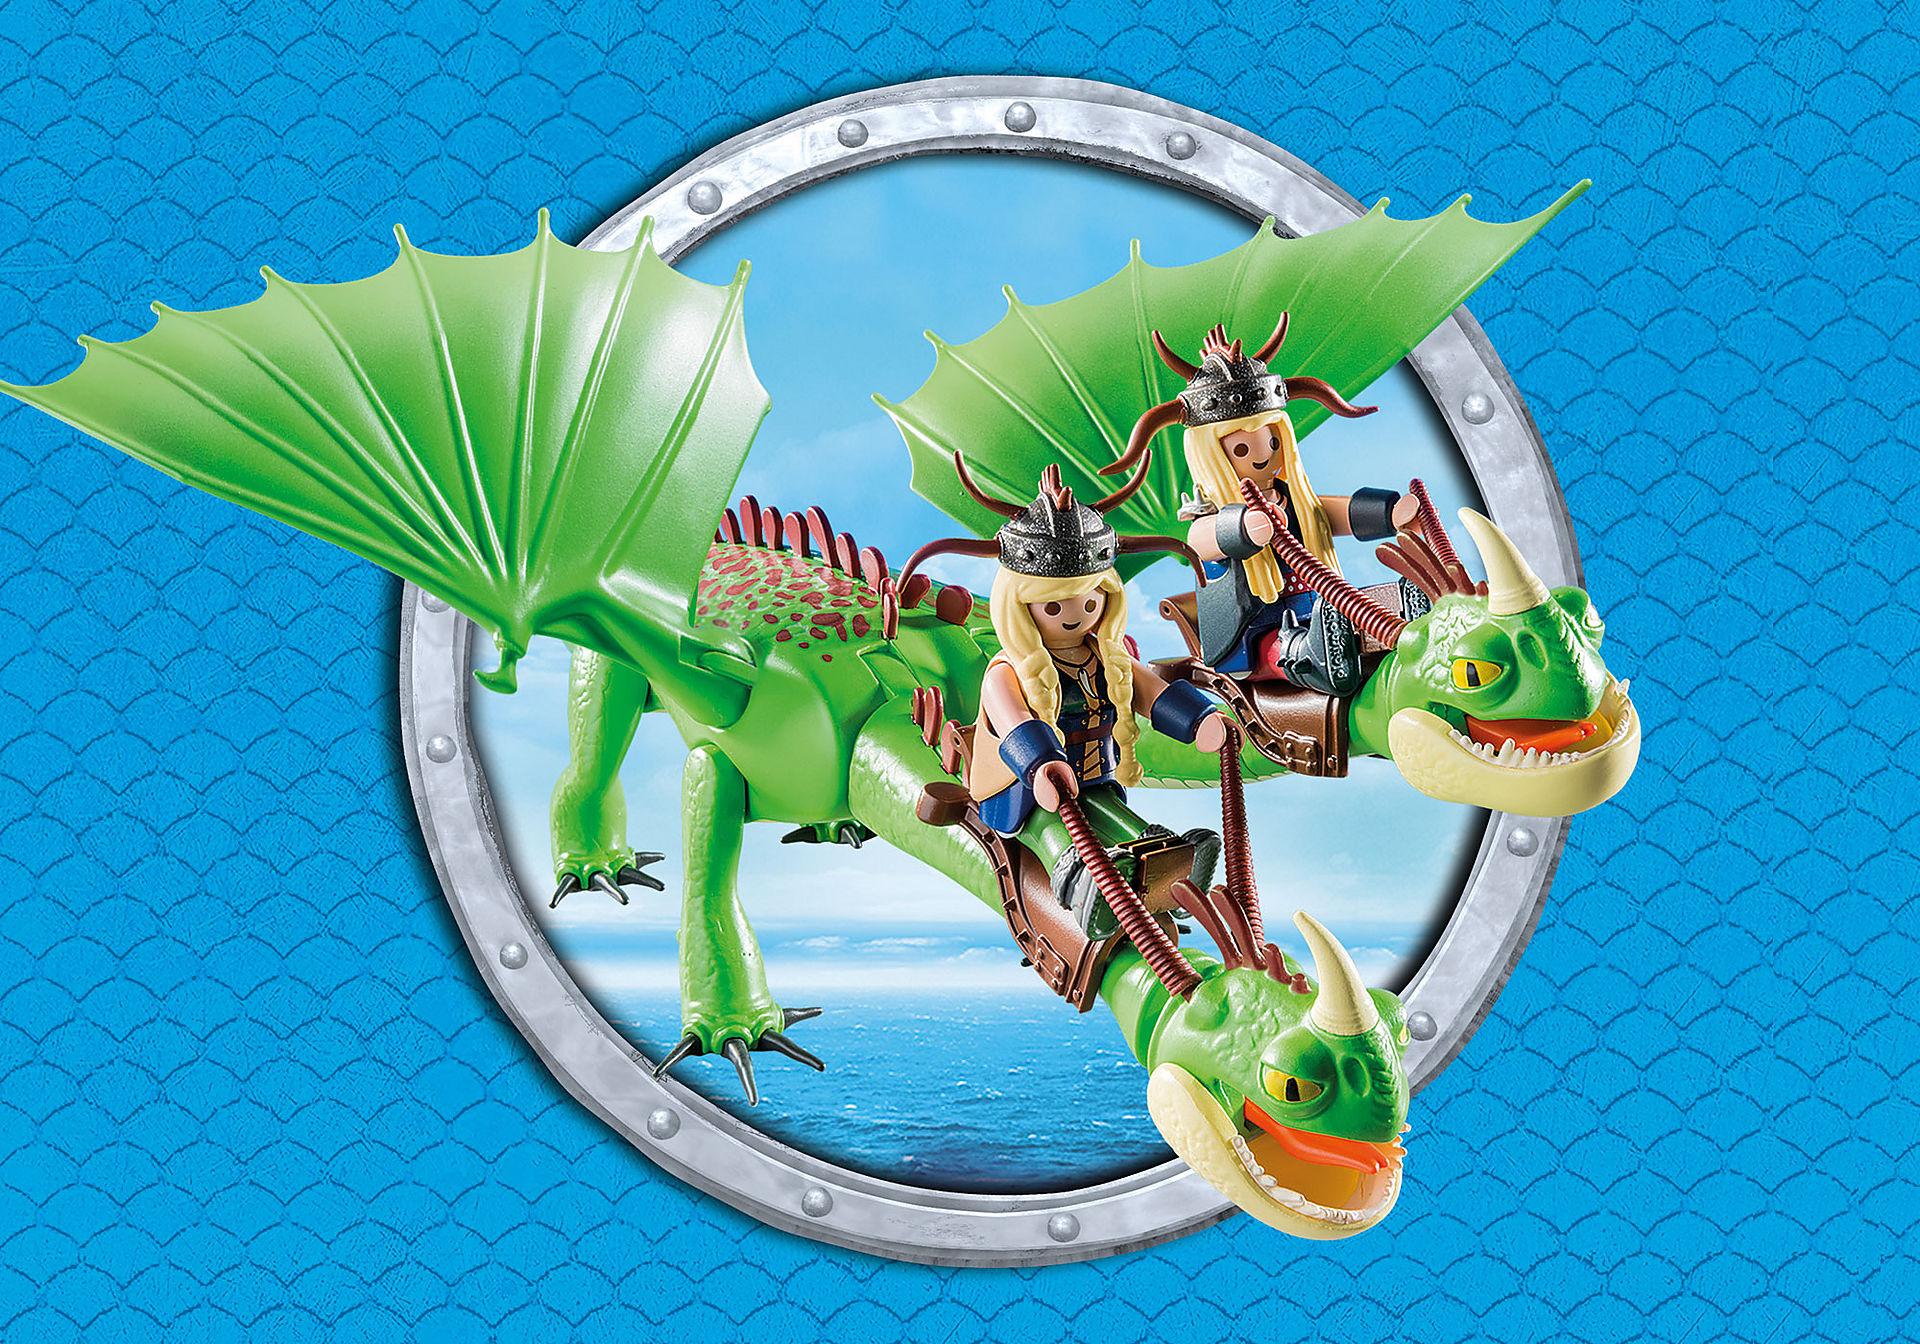 9458 Cabeçaquente e Cabeçadura com Dragão 2 Cabeças zoom image9